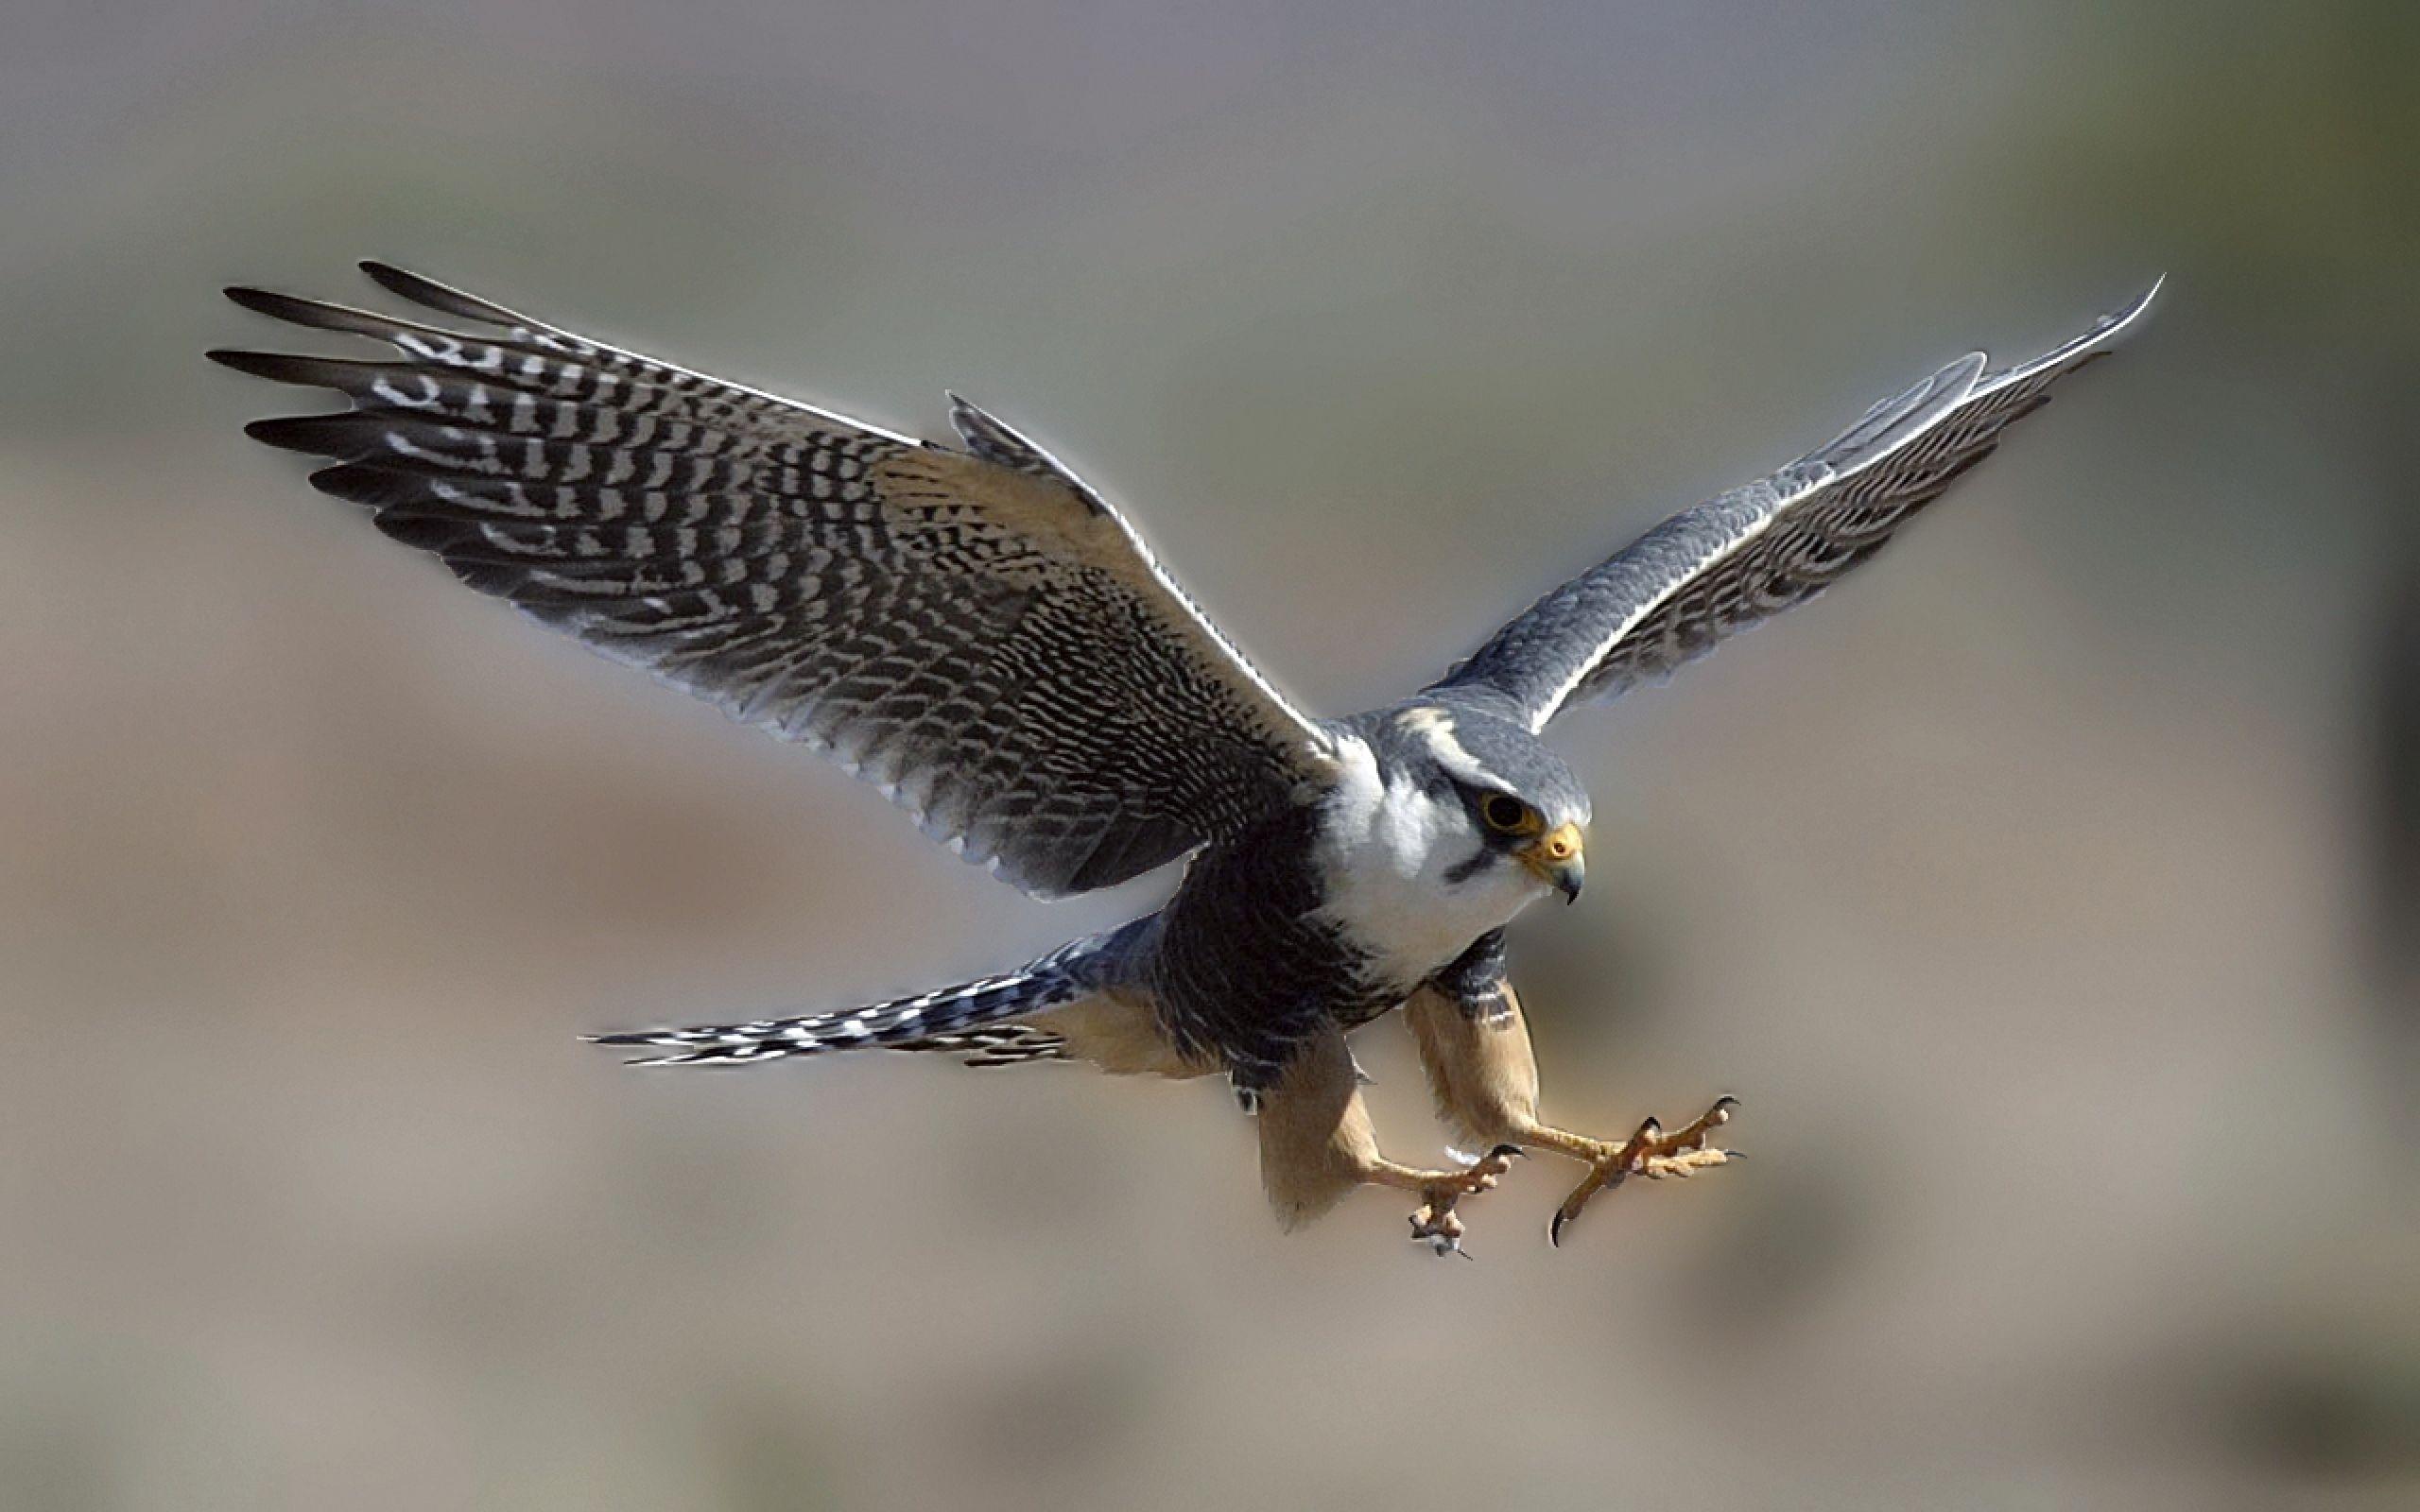 Falcon ペットの鳥 飛んでいる鳥 ハムスター速報